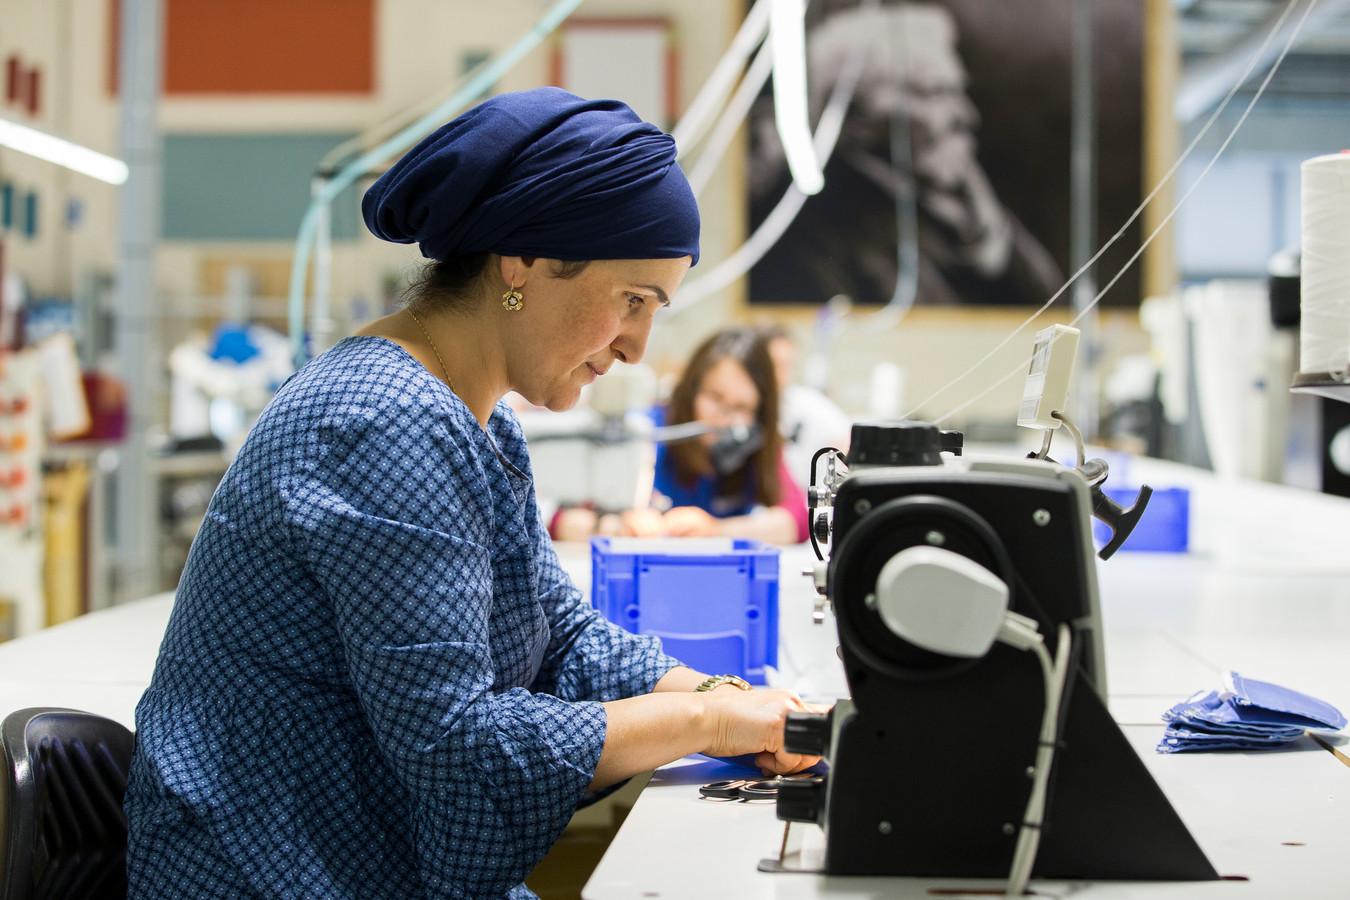 Auping startte vorig jaar de productie van neusmondmaskers. De eerste levering (4 miljoen mondkapjes) ging tegen kostprijs. De tweede (bestelling van nog eens 10 miljoen) leverde het bedrijf op.